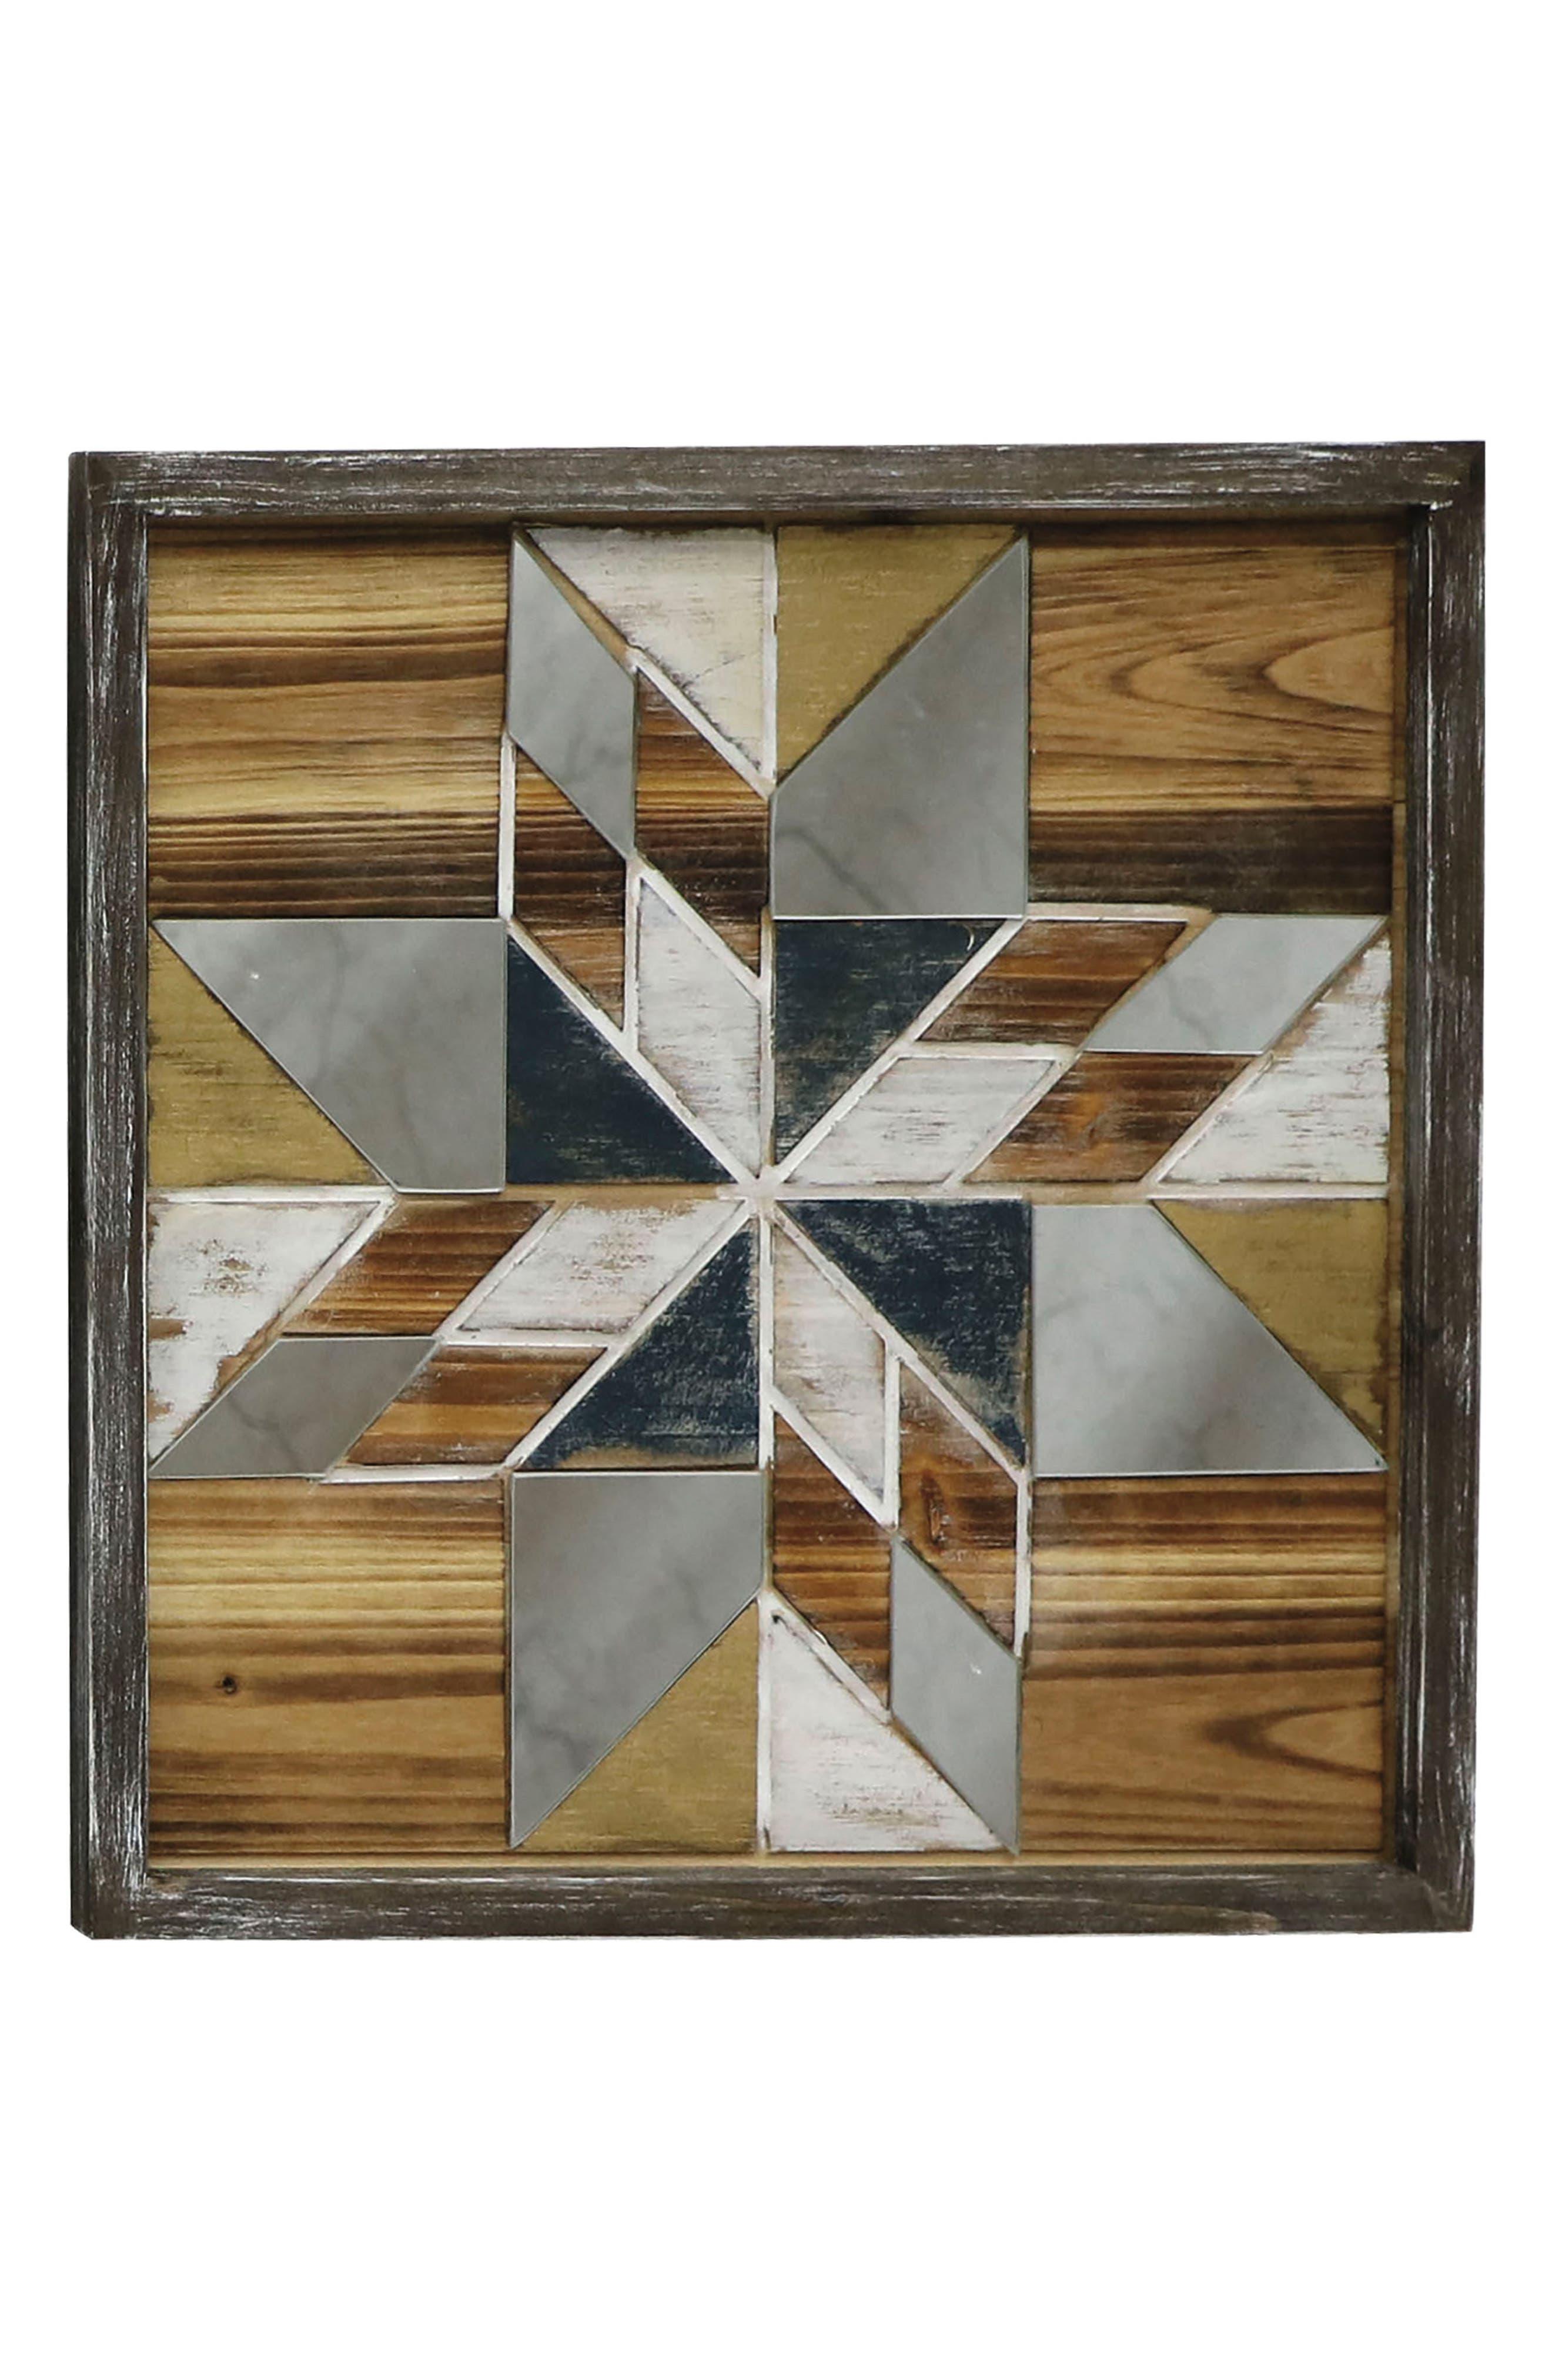 Mosaic Wall Art,                             Main thumbnail 1, color,                             Wood/ Glass